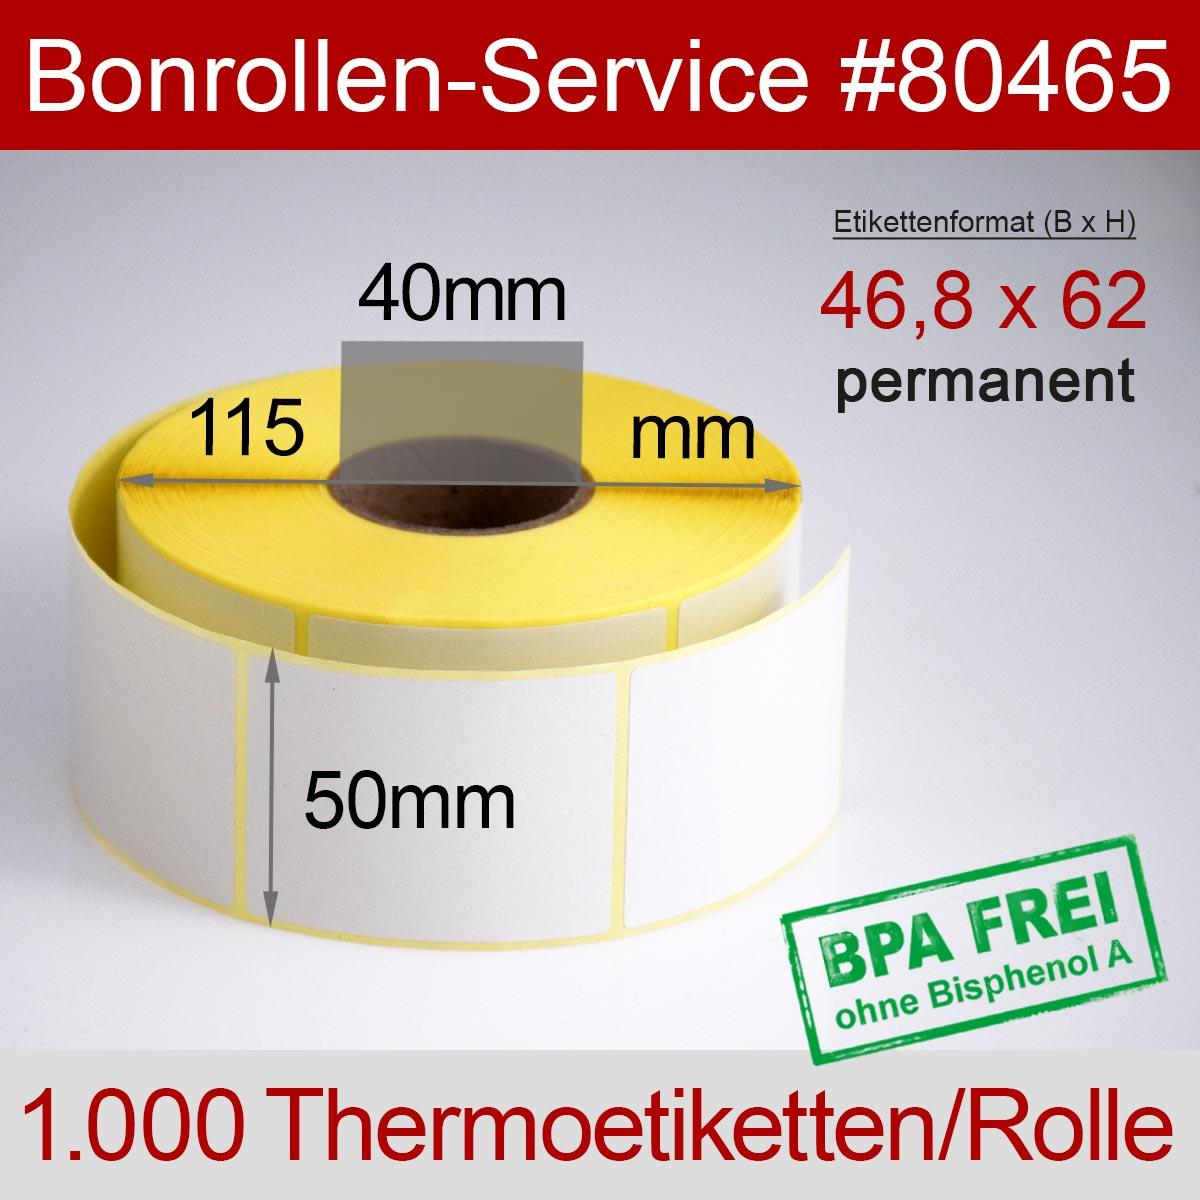 Thermo-Etikettenrollen BPA-frei 46,8mm x 62mm für Avery Berkel, permanent - Detailansicht